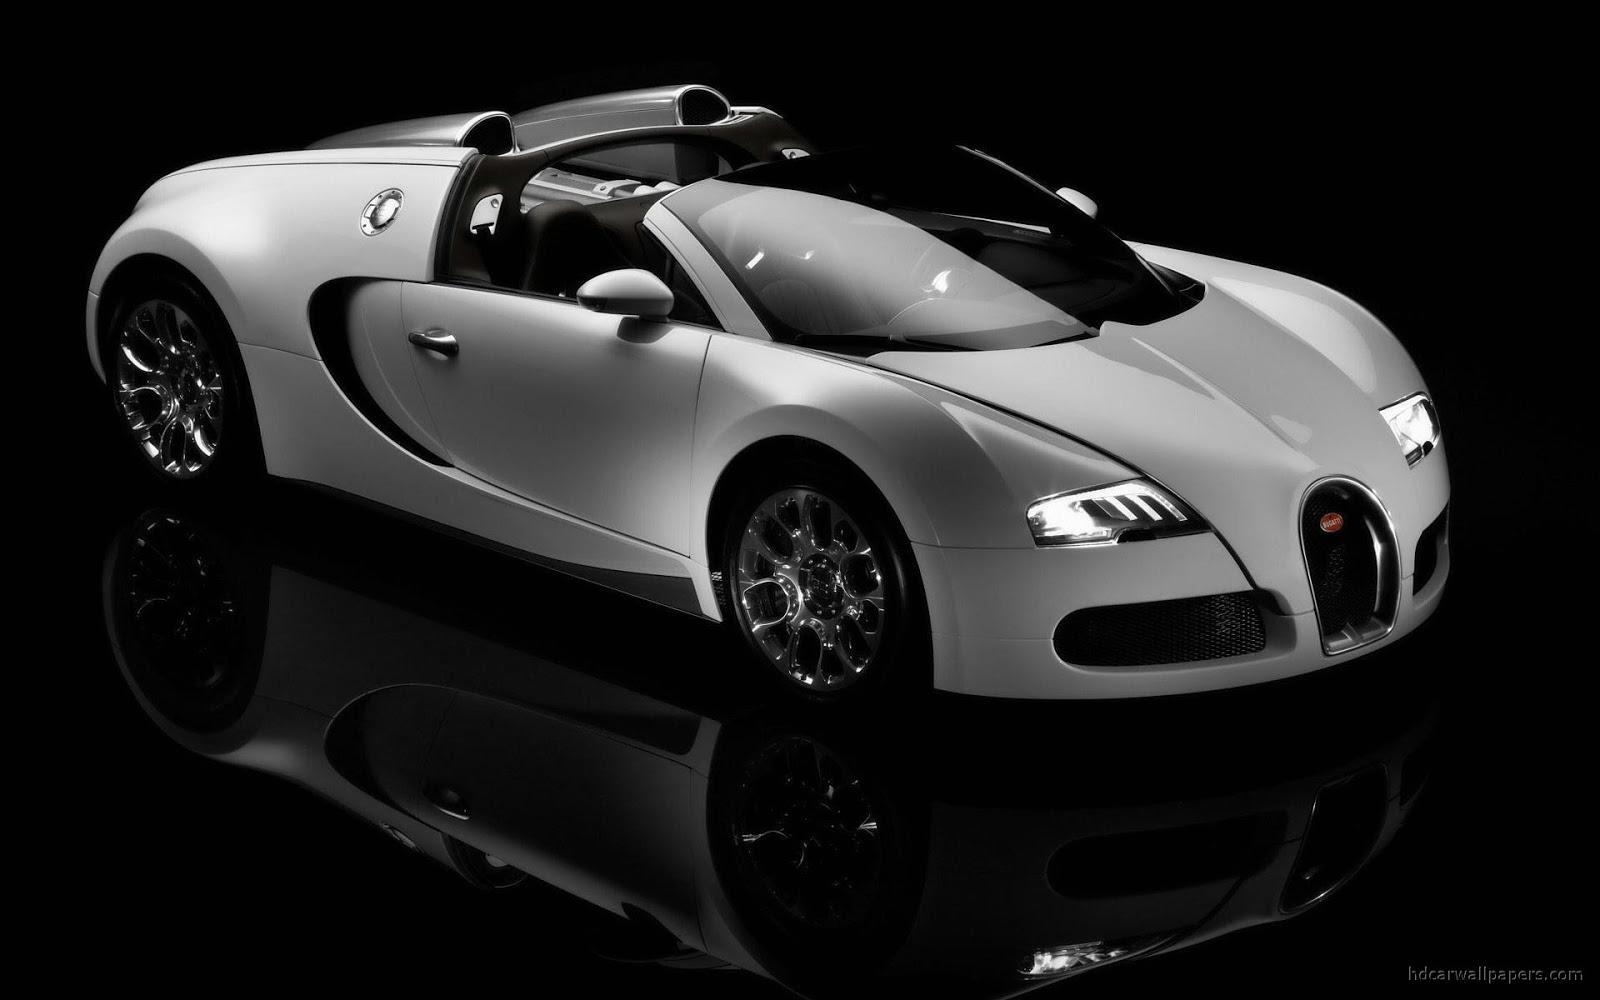 Bugatti Veyron Super Sport Full Hd Wallpaper: HD Wallpapers: BUGATTI VEYRON HD WALLPAPERS